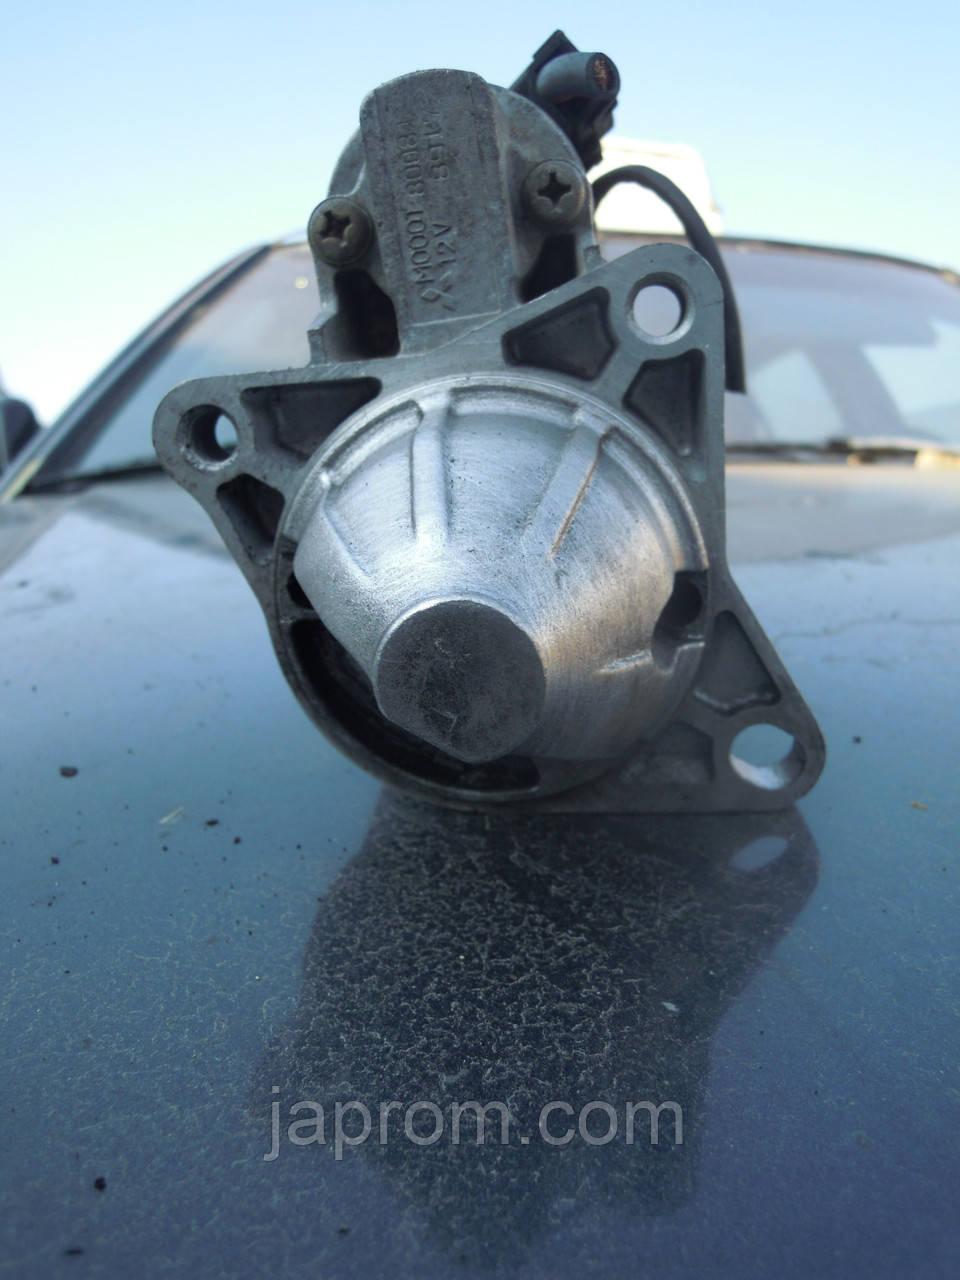 Стартер Mazda 323 BA BJ 1.4 1.5 1.6 1.8 бензин редукторный